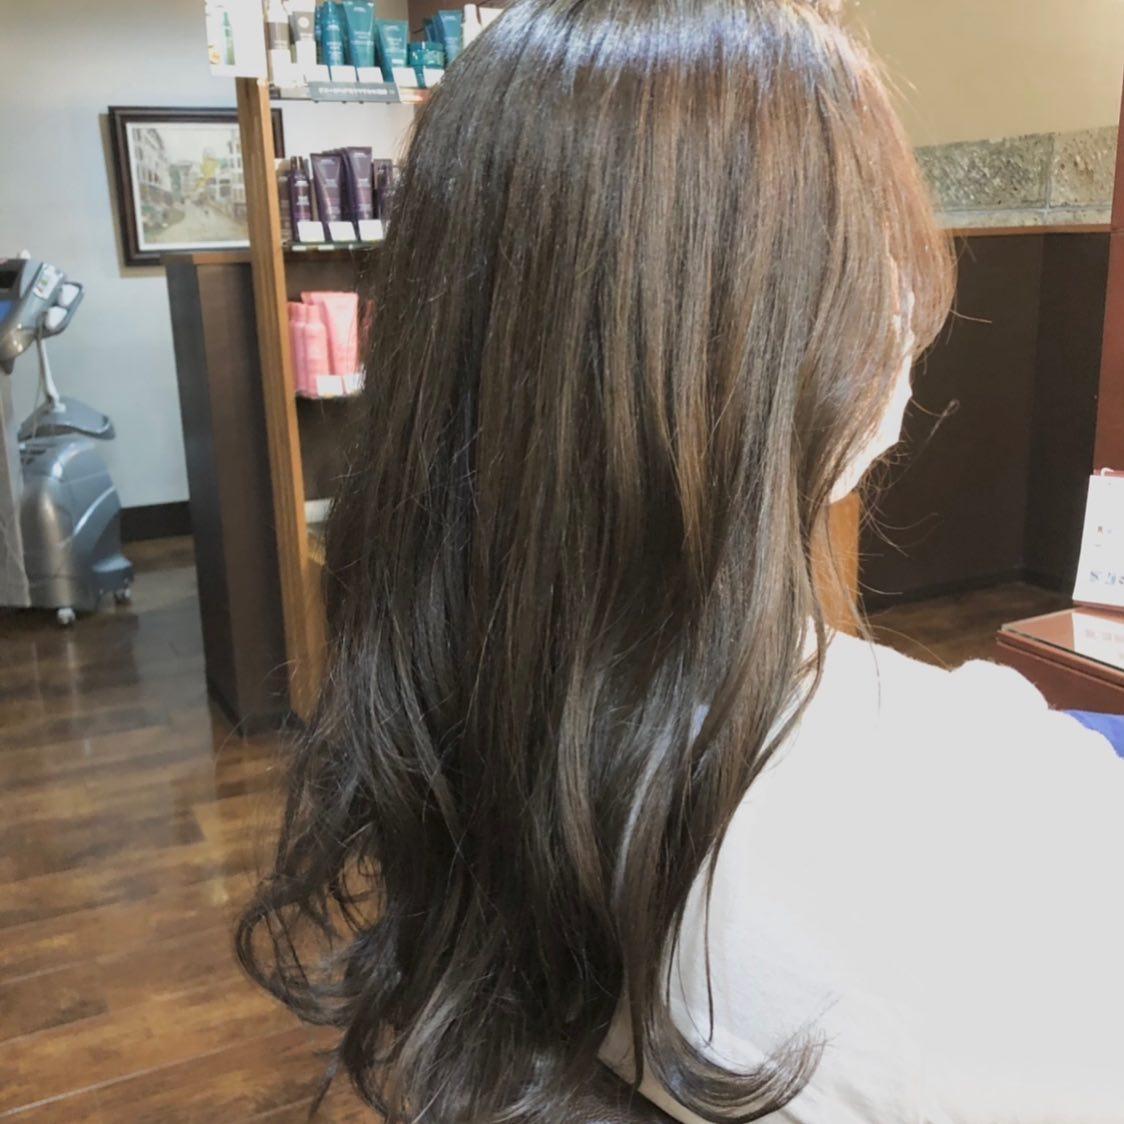 カットカラーエイジングコース︎ブルージュウェーブMIX巻下ろし髪をきれいに!毛先までつやのある髪の毛を保つのは大変です!頭皮ケアから髪の毛一本一本までしっかりエイジングのケアをさせていただきます!!スタイリスト 村田#宇都宮#美容室#宇都宮美容室#trinity#aveda#avedaサロン#avedaカラー#エイジング#エイジングケア#ケア#ヘッドスパ#トリートメント#ヘアビューザー#ヘアビューロン#リュミエリーナ#バイオプログラミング#サイエンスアクア#ツヤ#ツヤ髪#美髪#美髪ケア